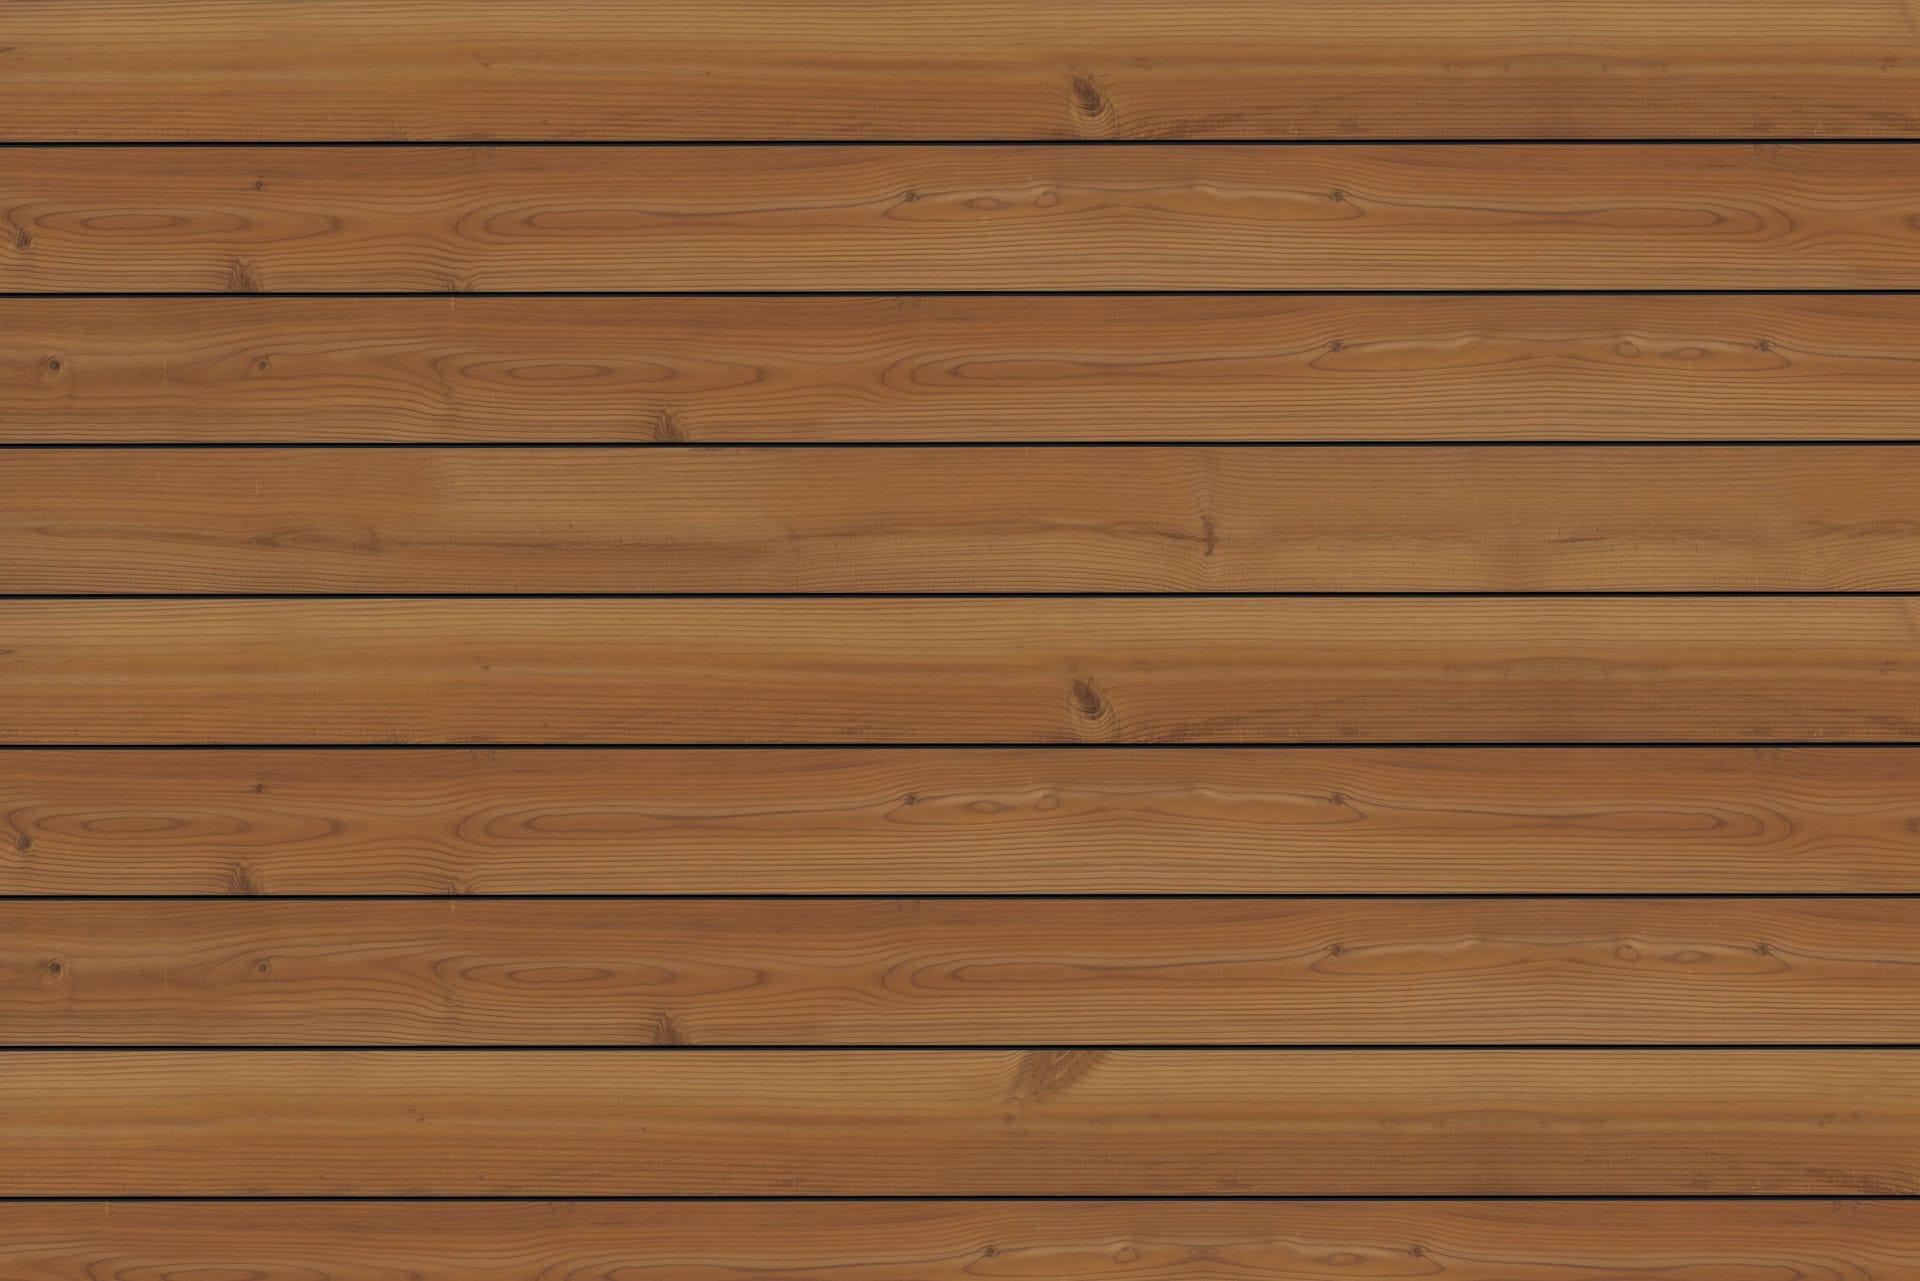 Fano Musterbild Thermo Kiefer glatt | Terrassenboden aus Holz für den Außenbereich braun | Svoboda